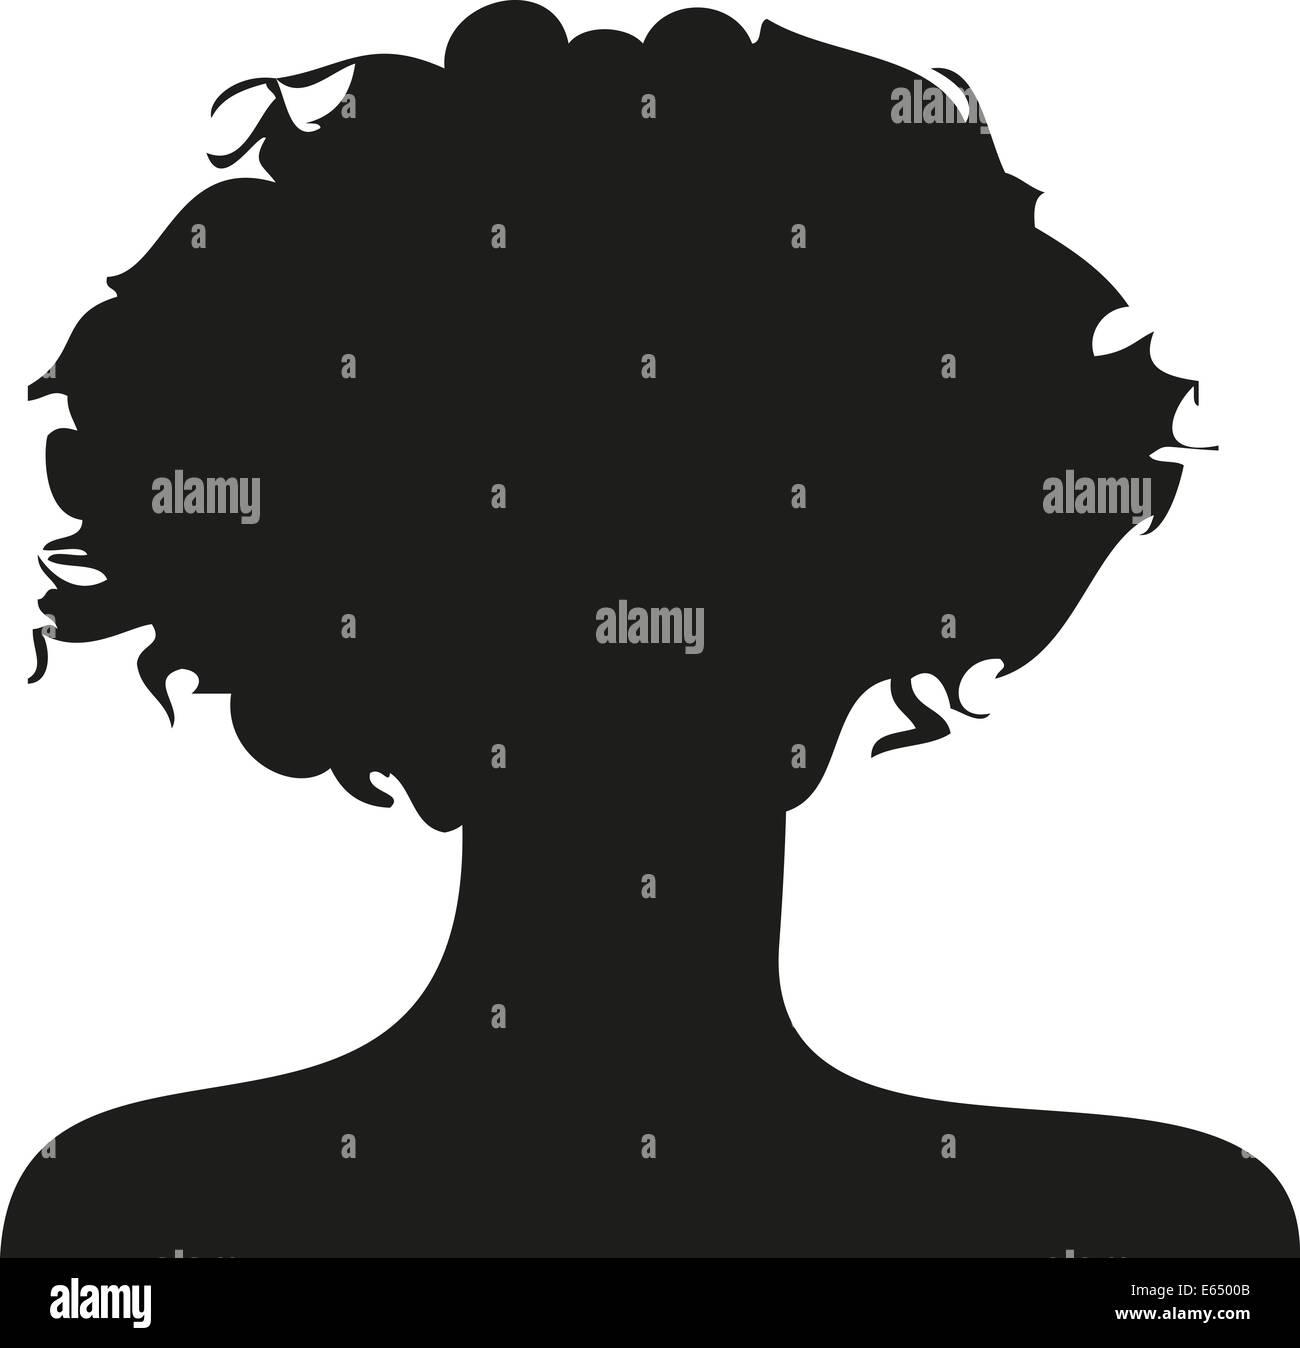 Silhouette Frau Locken Lockig ist Schwarz Weiß Umriss Frauen Lang Haare Lange Kurz Abbild Symbol Symbolik Benutzer Stockbild